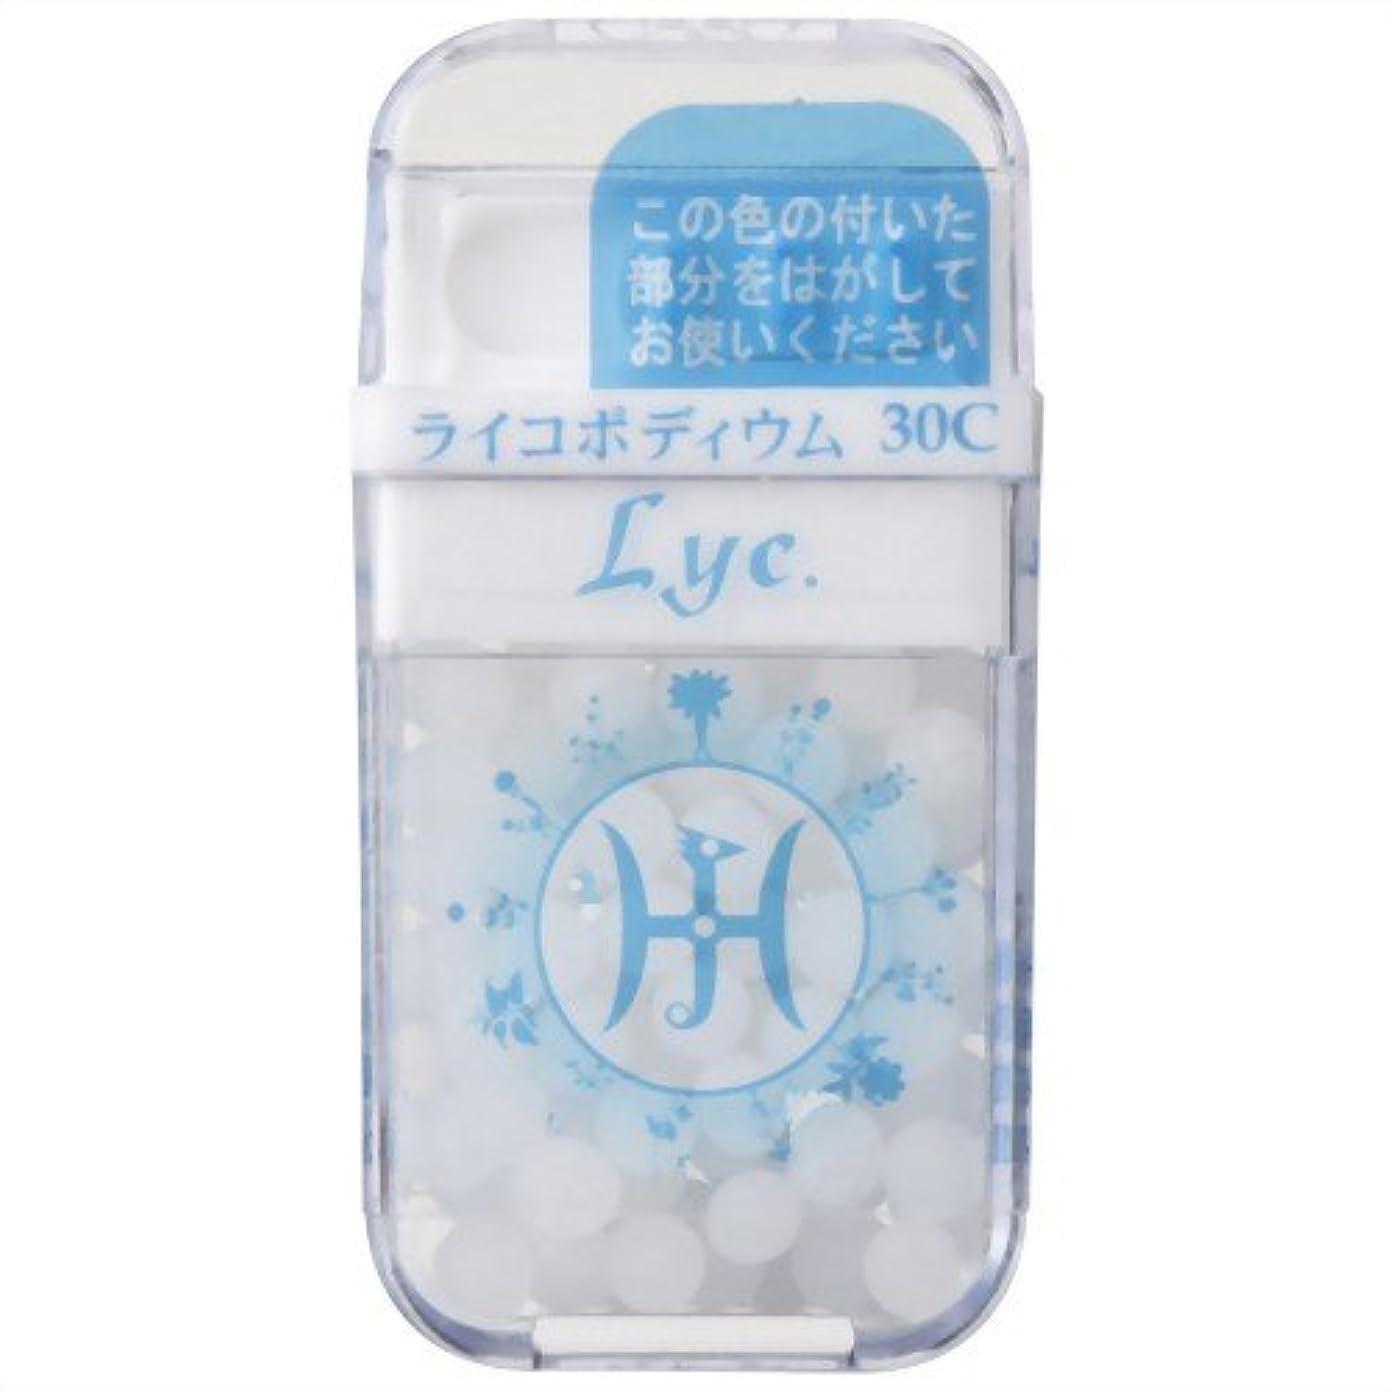 建築船酔い適性ホメオパシージャパンレメディー Lyc.  ライコボディウム 30C (大ビン)